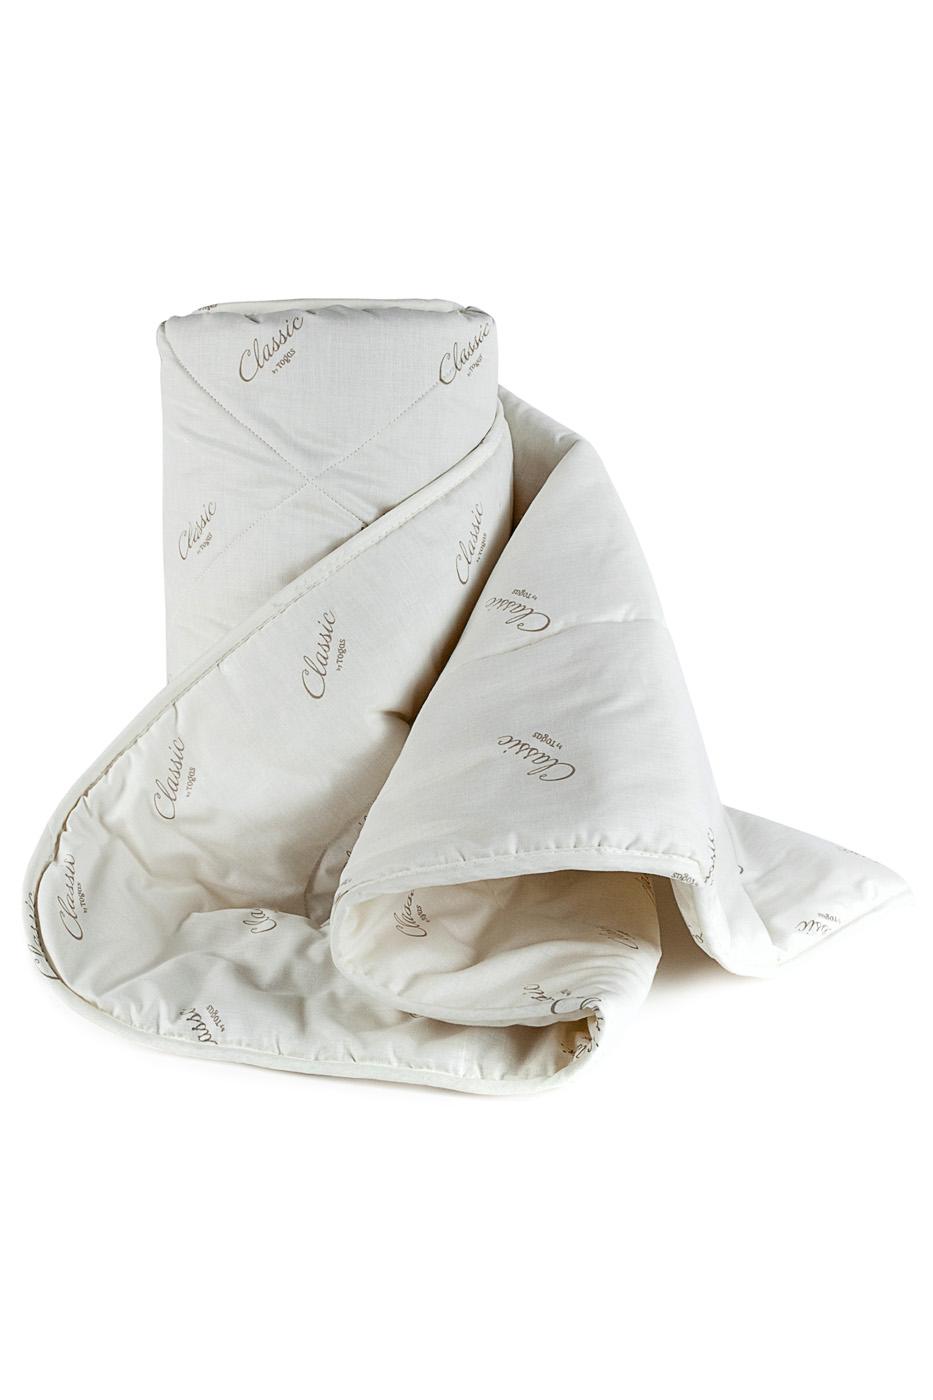 где купить Одеяла CLASSIC by T Одеяло Кашемир-Натурэль Всесезонное (175х200 см) по лучшей цене